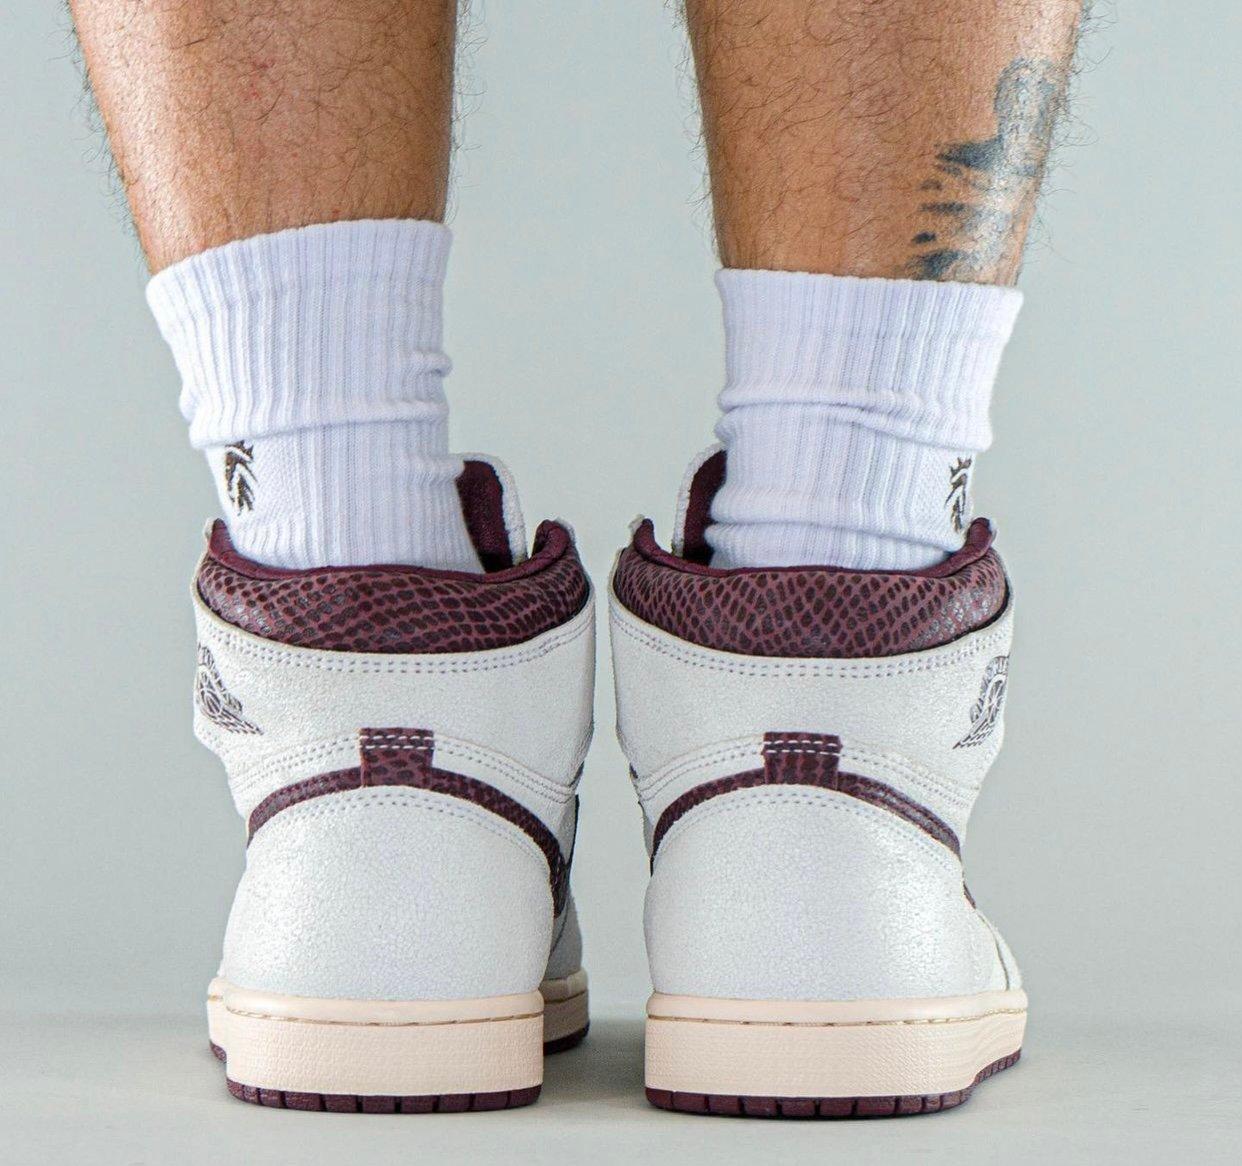 A Ma Maniere Air Jordan 1 DO7097-100 On-Feet